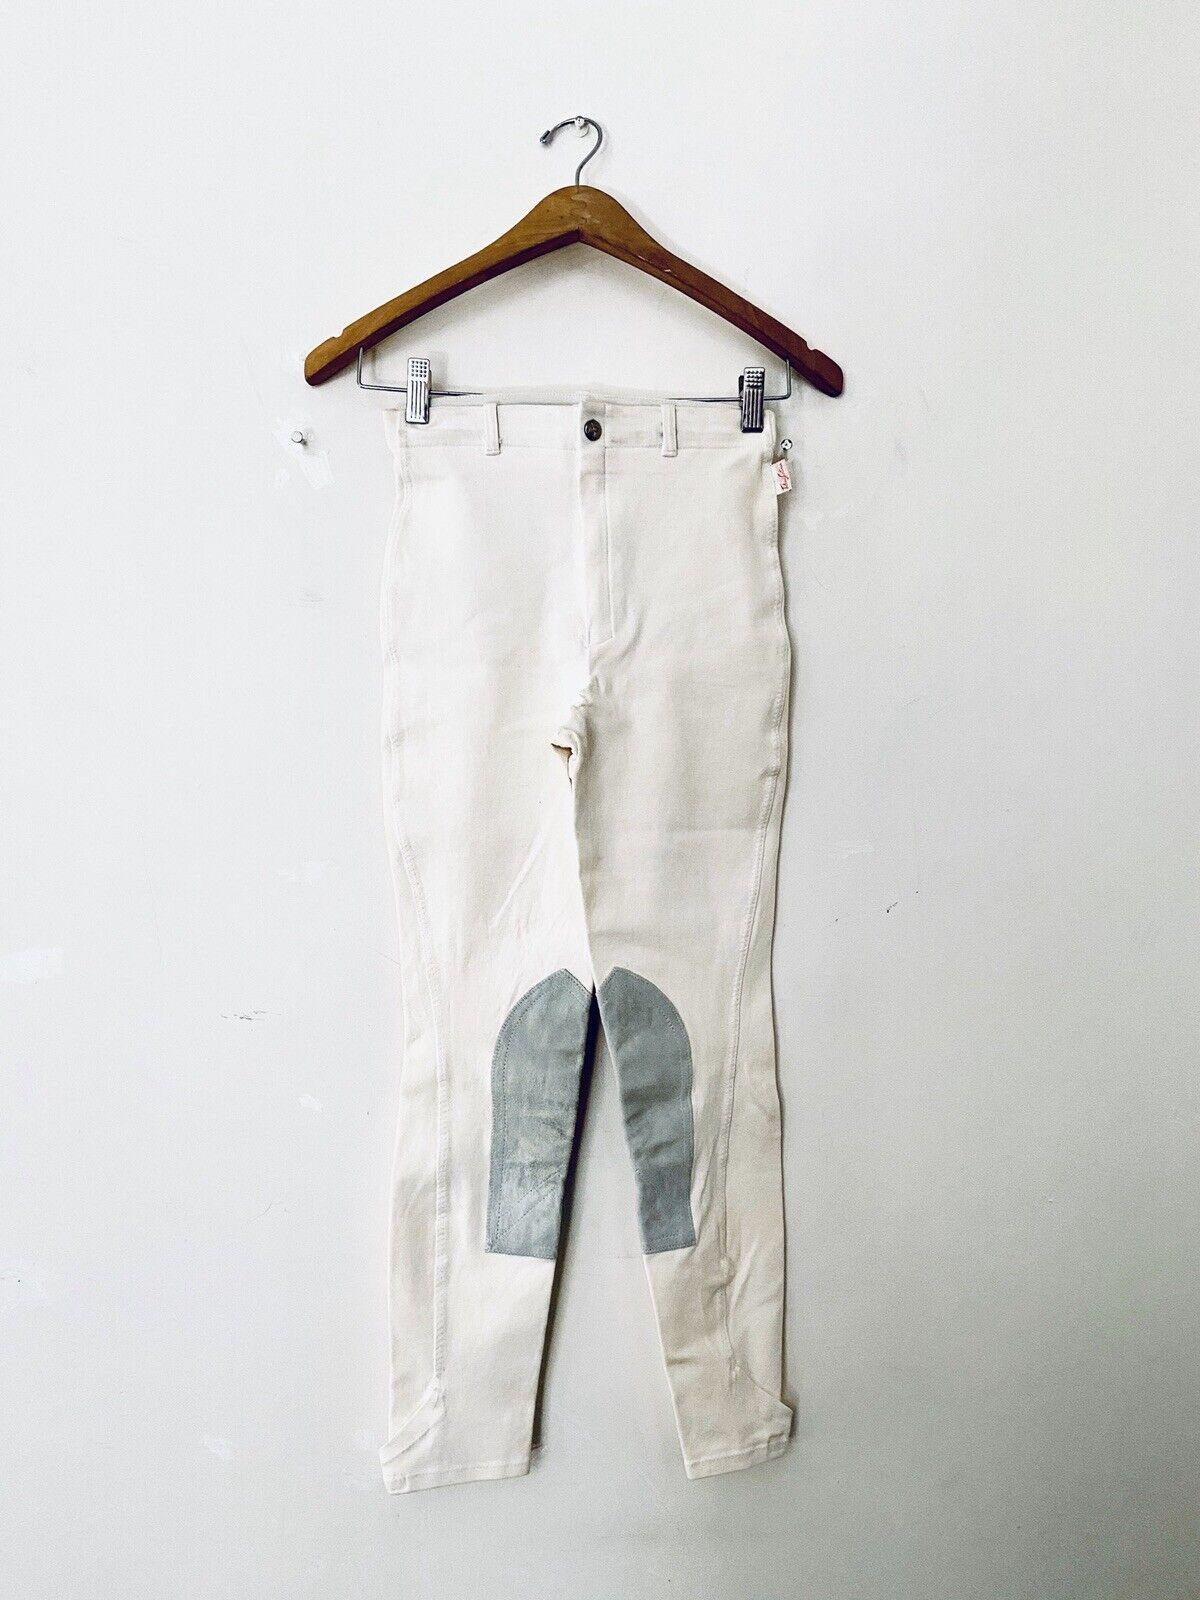 Vintage The Tailorosso sportuomo inglese equitazione Habits Pants fatto in USA Sz 24W